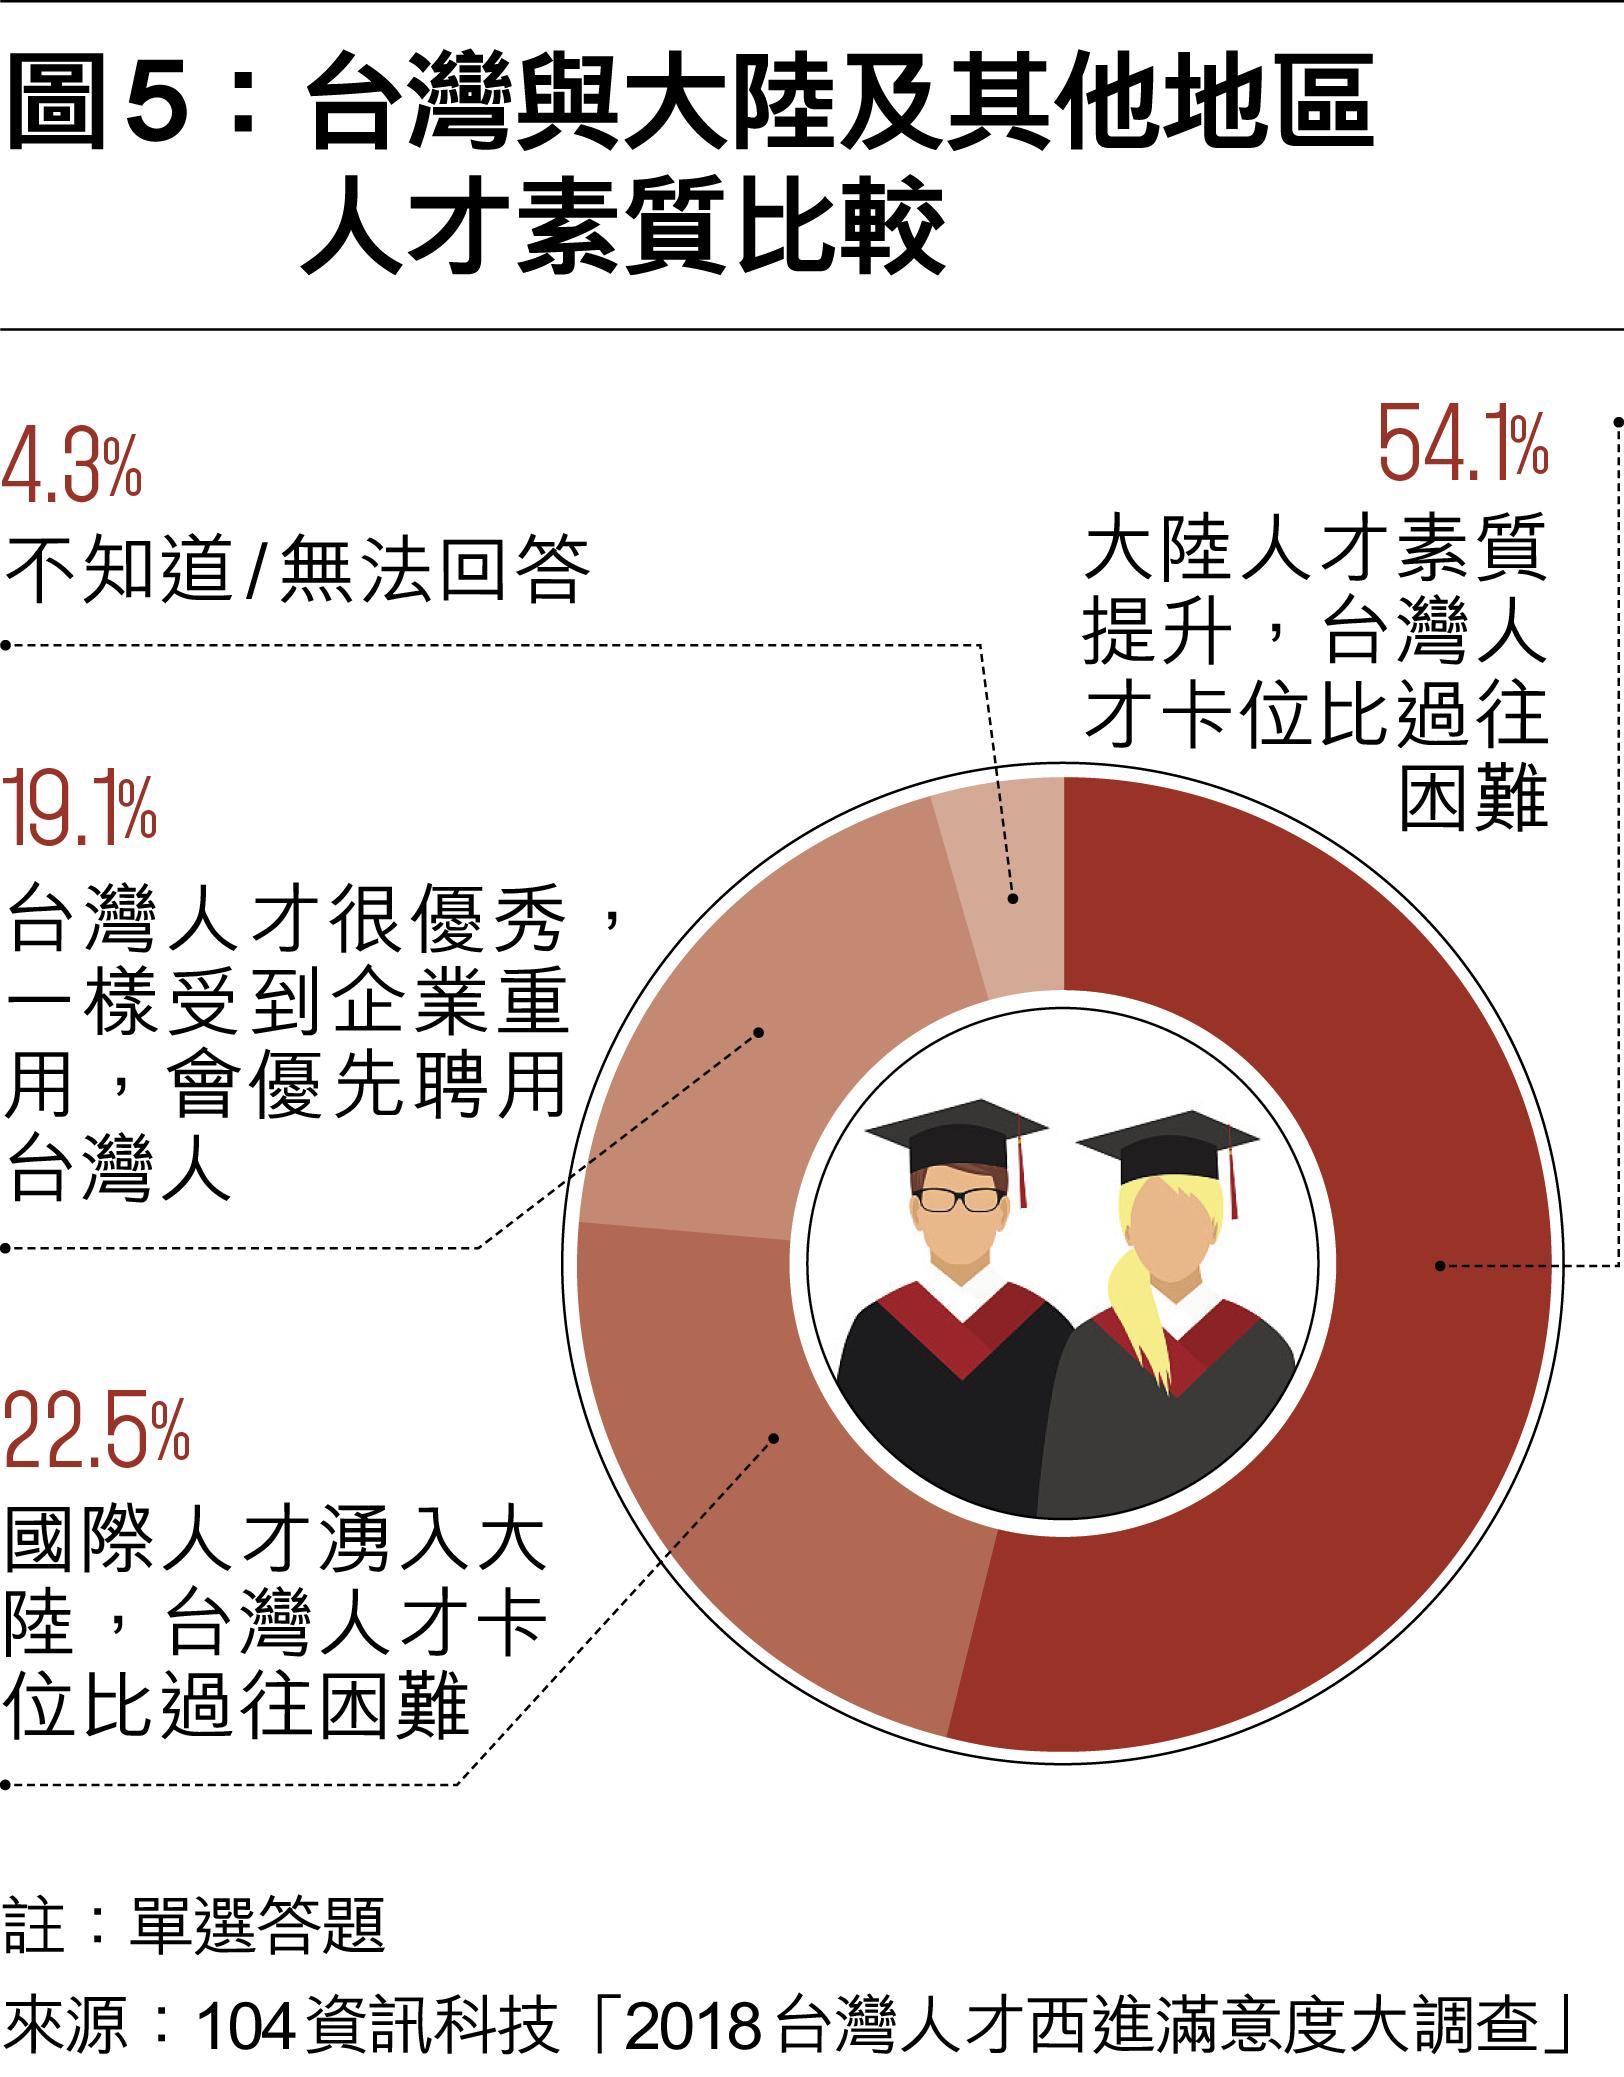 西進熱北上冷? 臺港青年面對大陸機遇兩樣情-多維cn期刊-多維新聞網